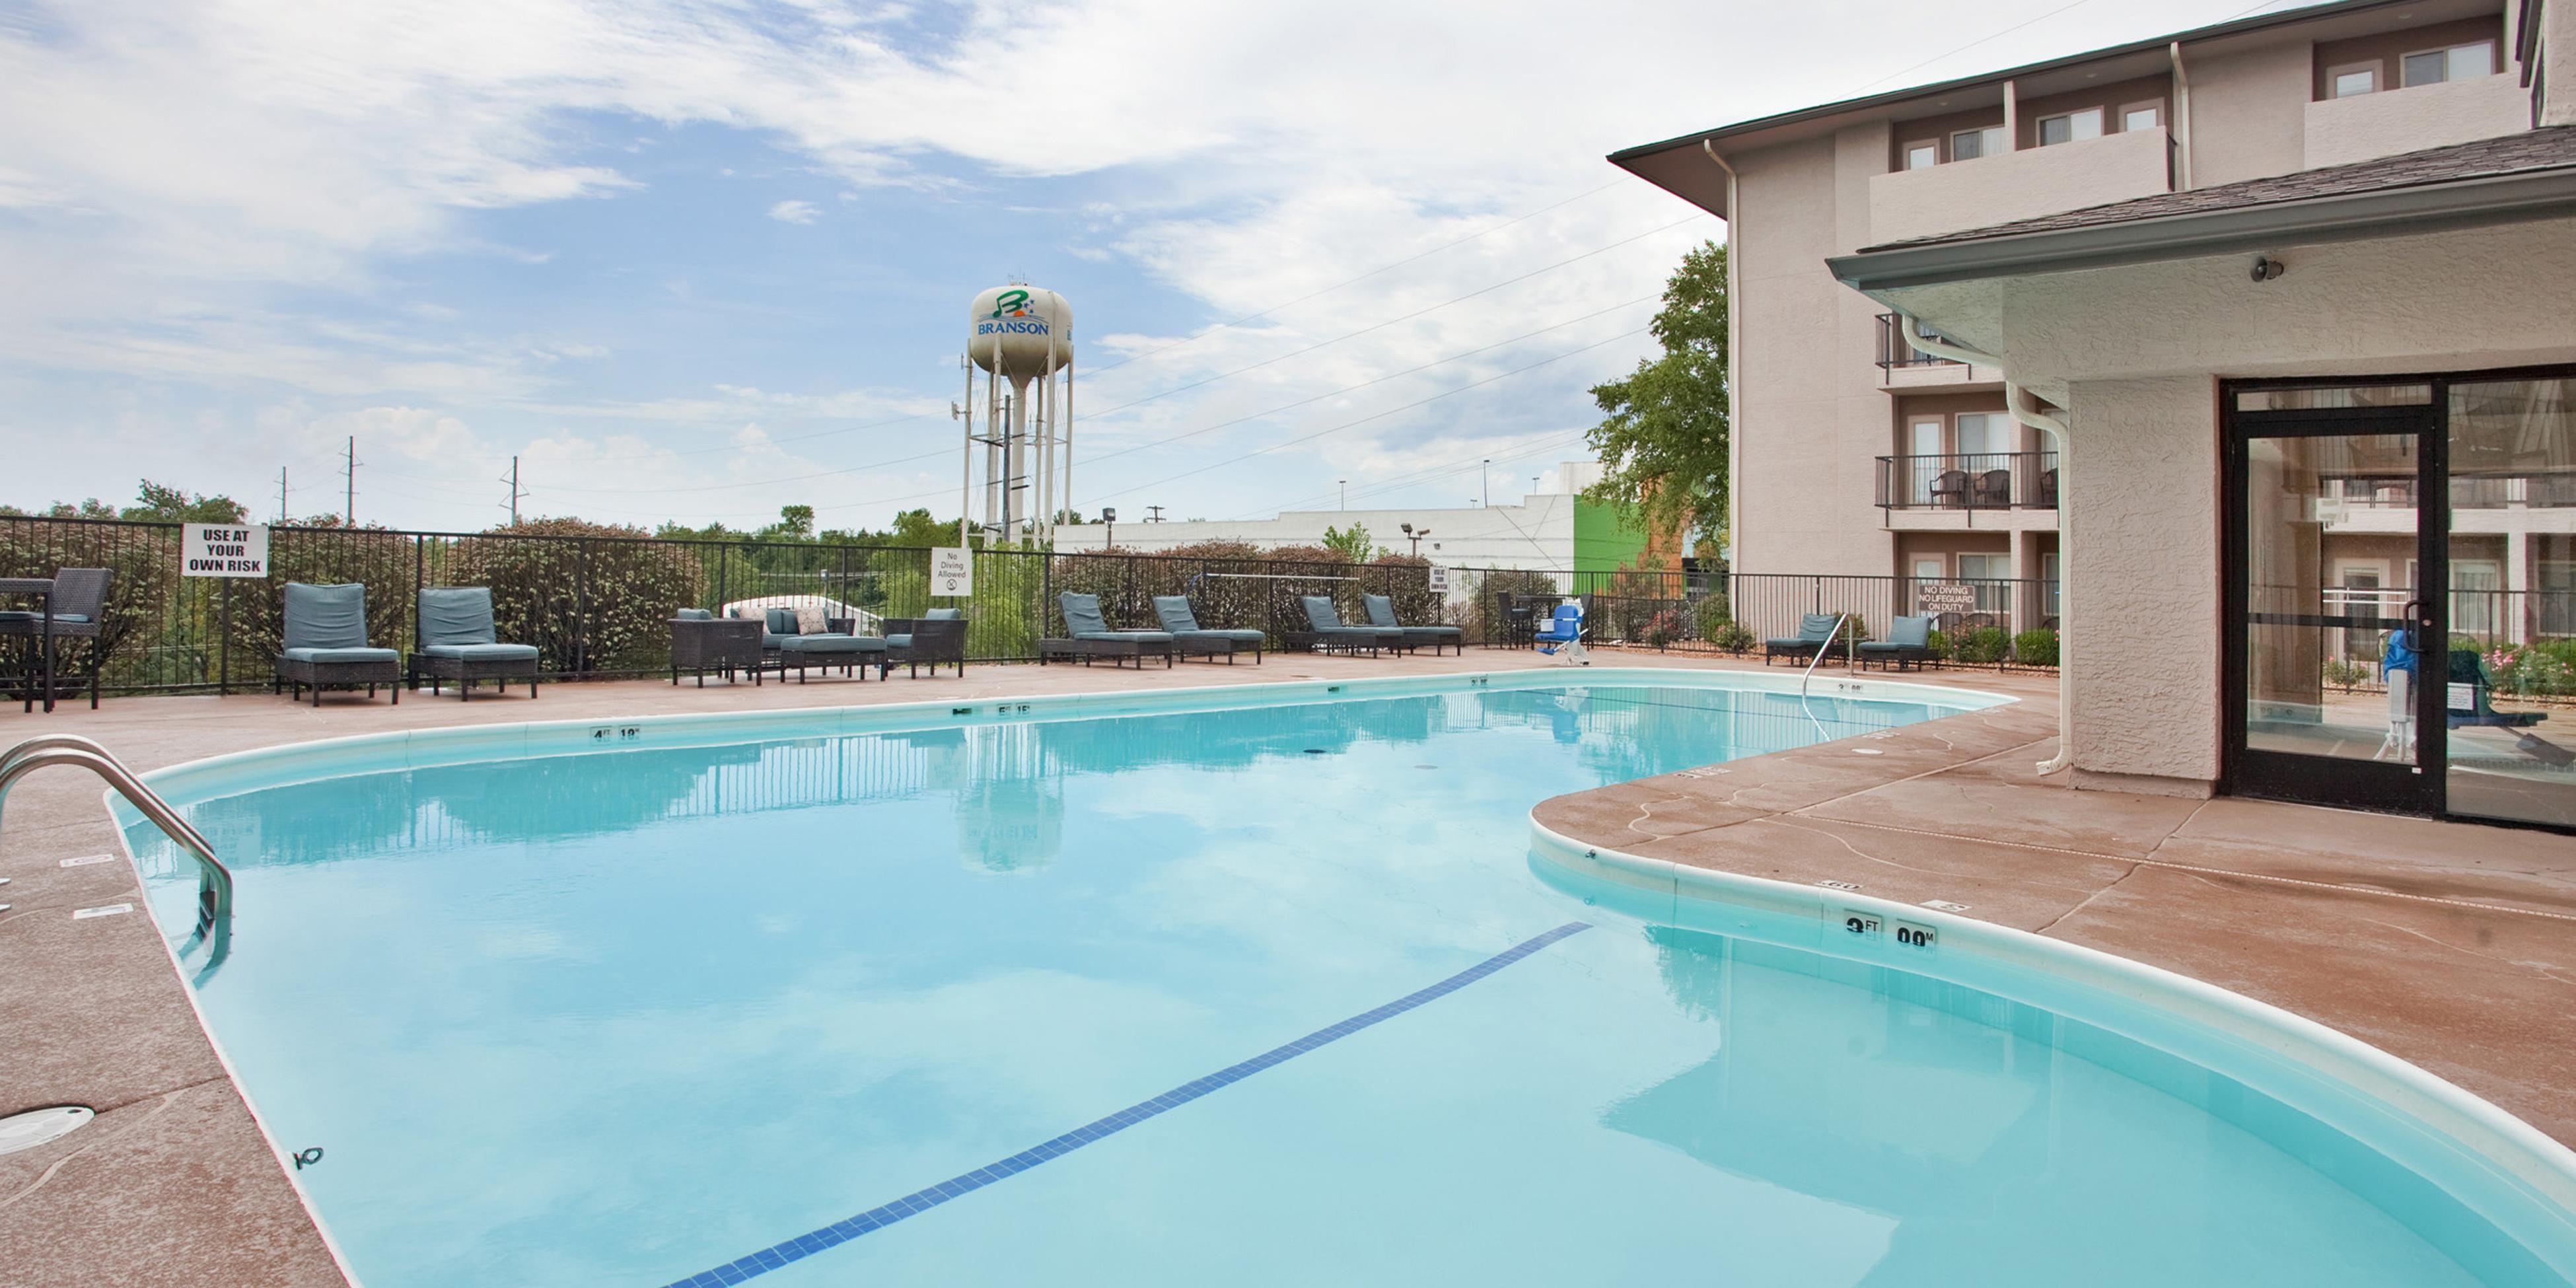 Branson Missouri Hotels And Resorts Best Kitchen Gallery ...